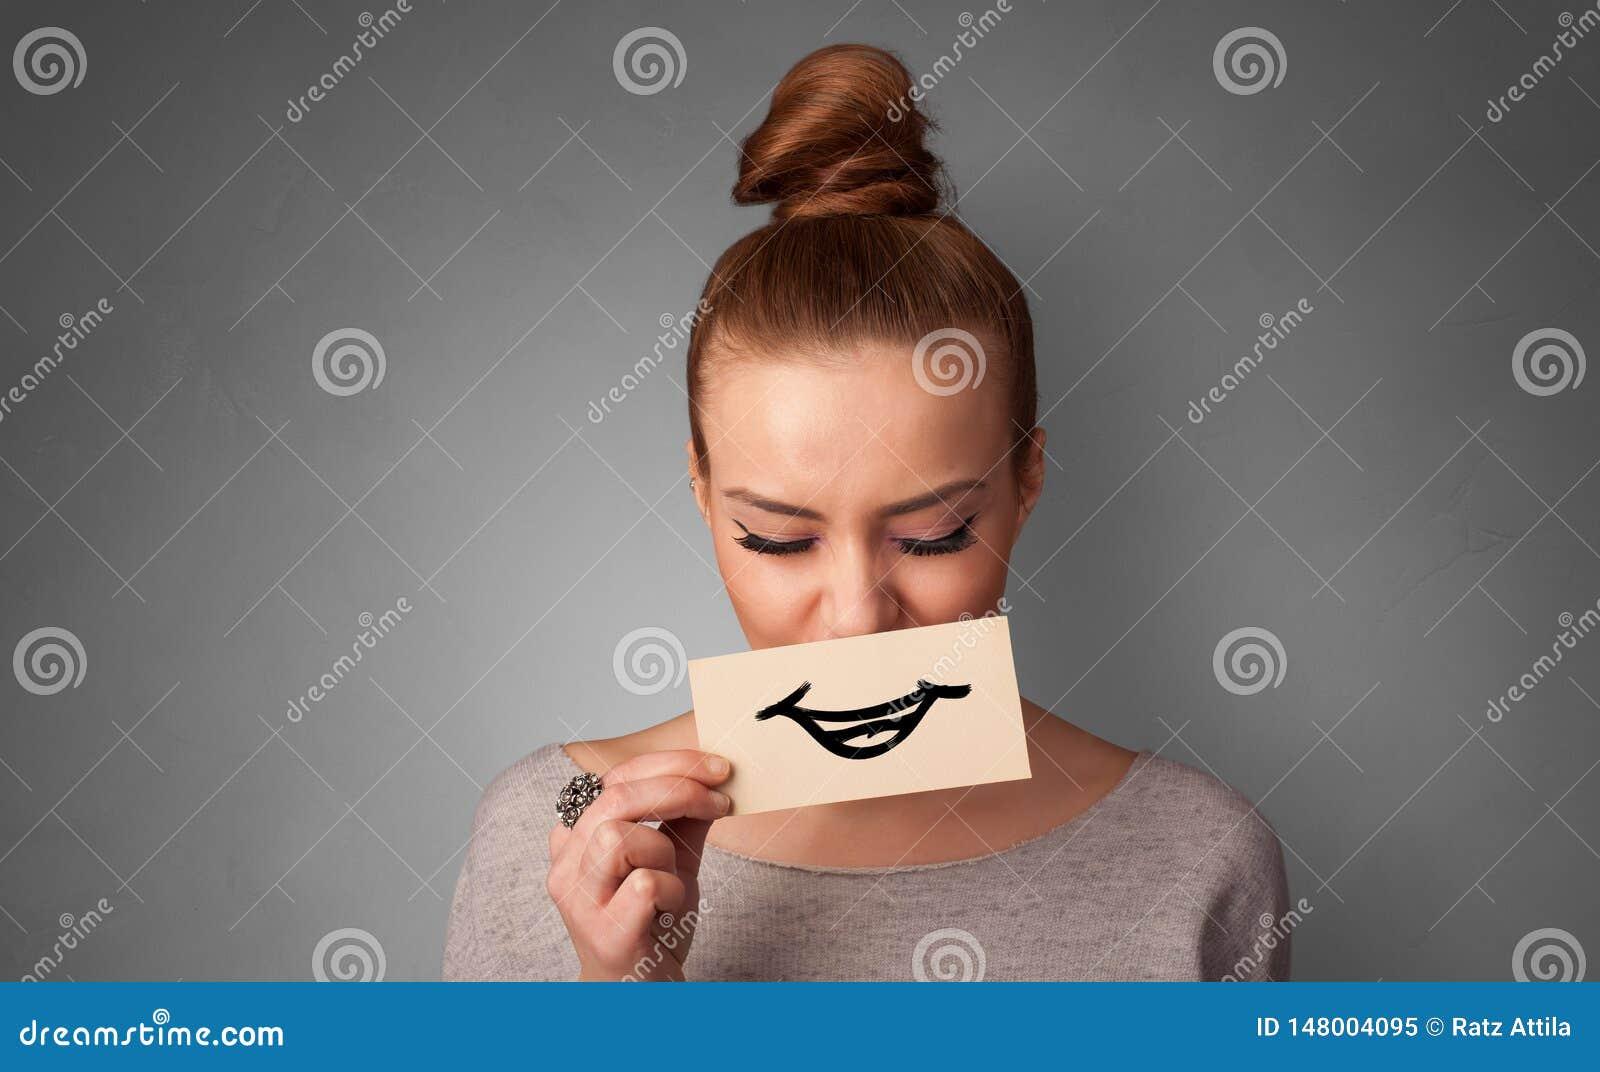 Persona que sostiene delante de su boca una tarjeta